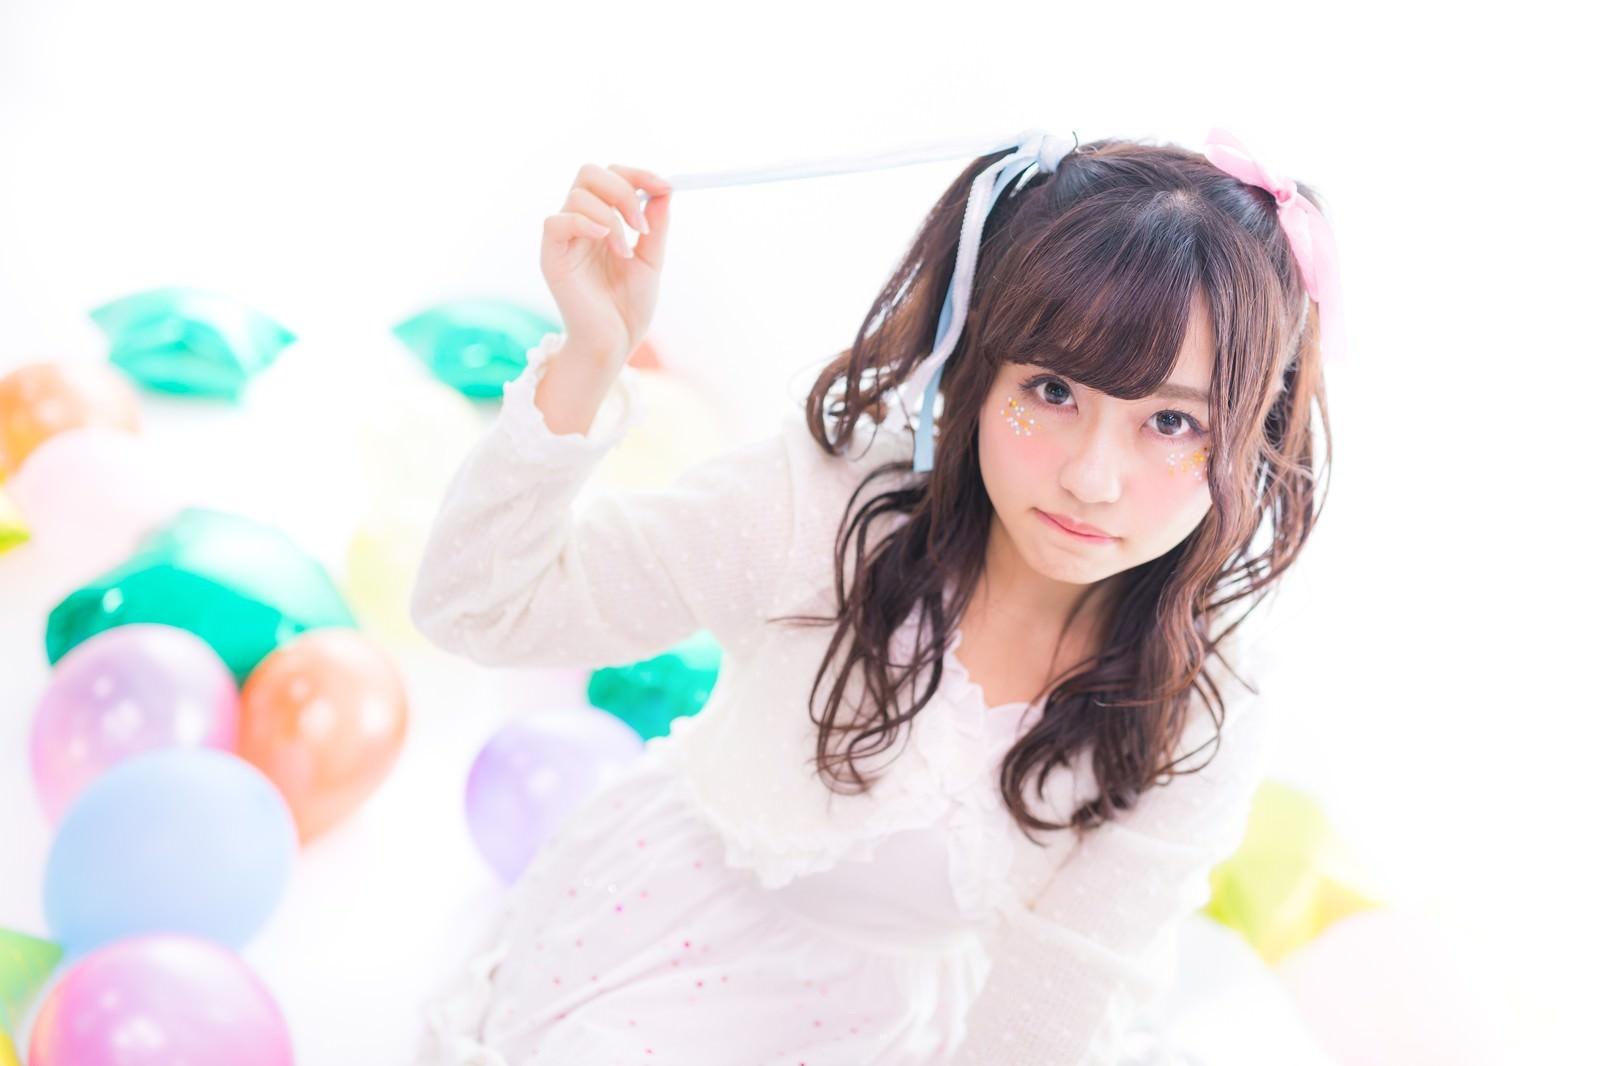 Yuka-Kawamura-Free-Stock-Photo-Idol-07.jpg